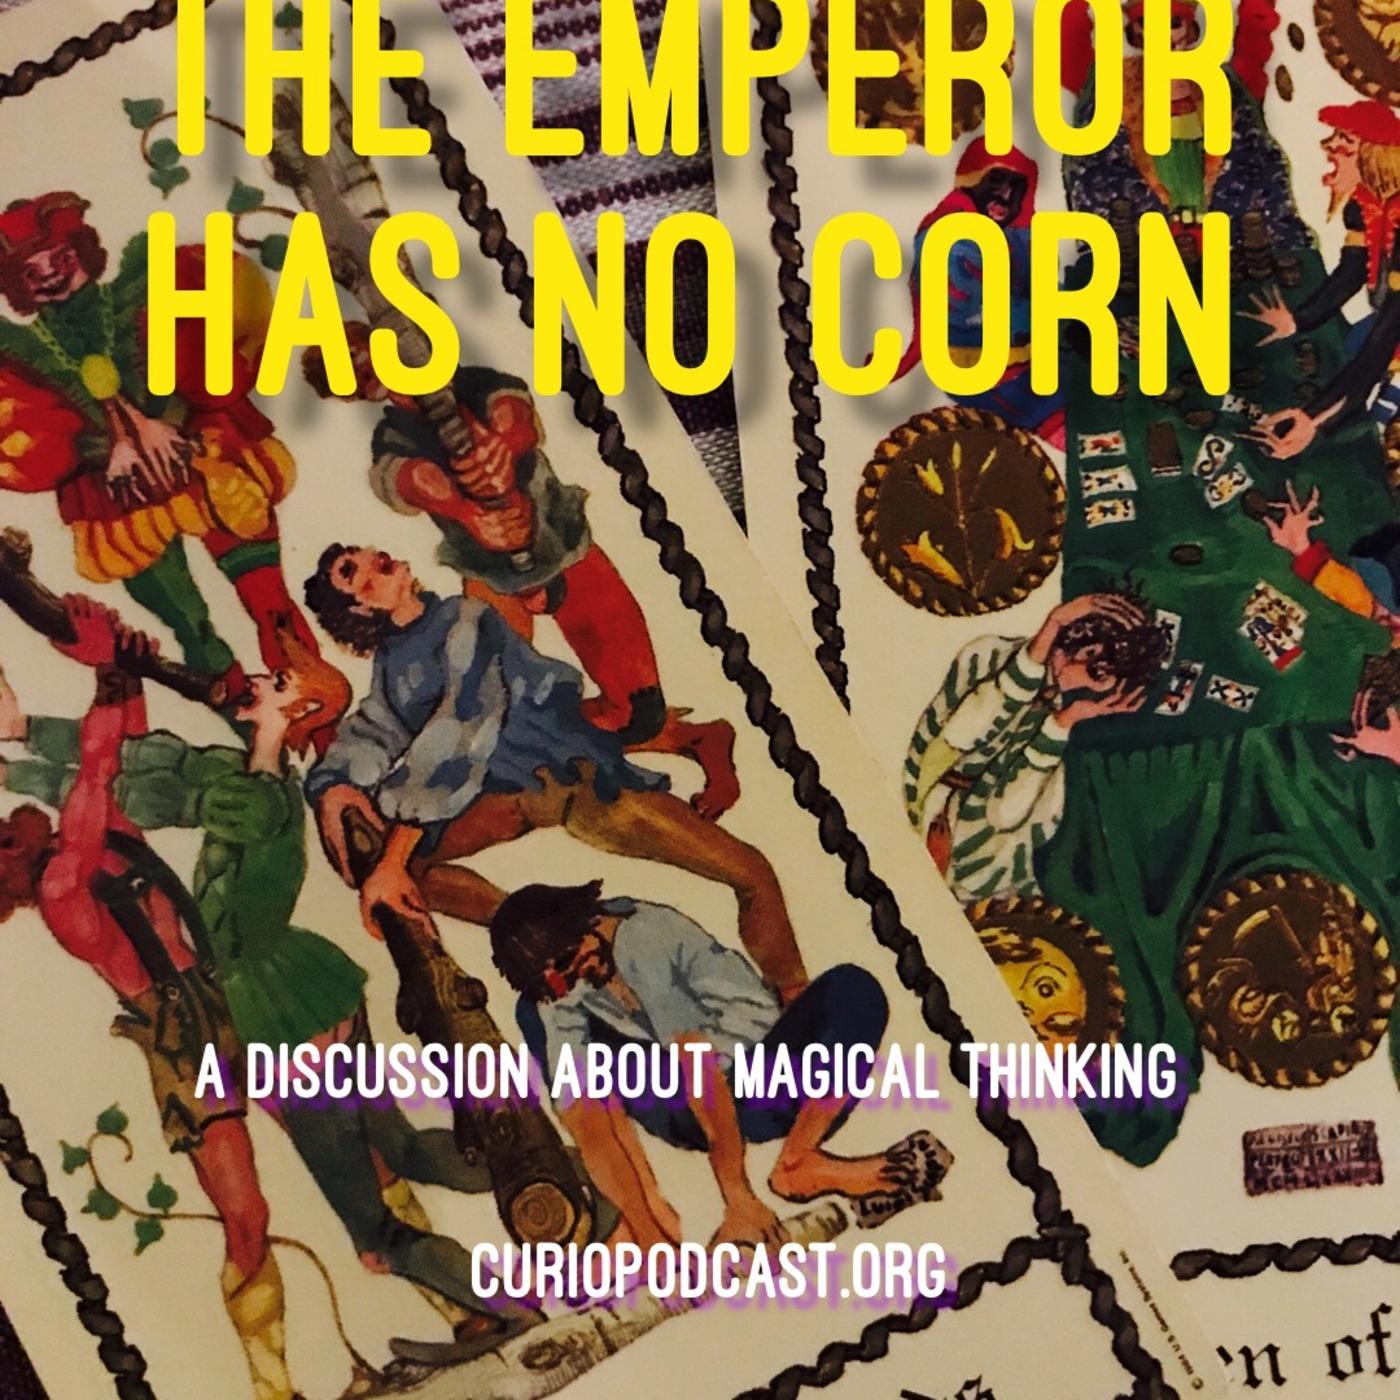 The Emperor Has No Corn